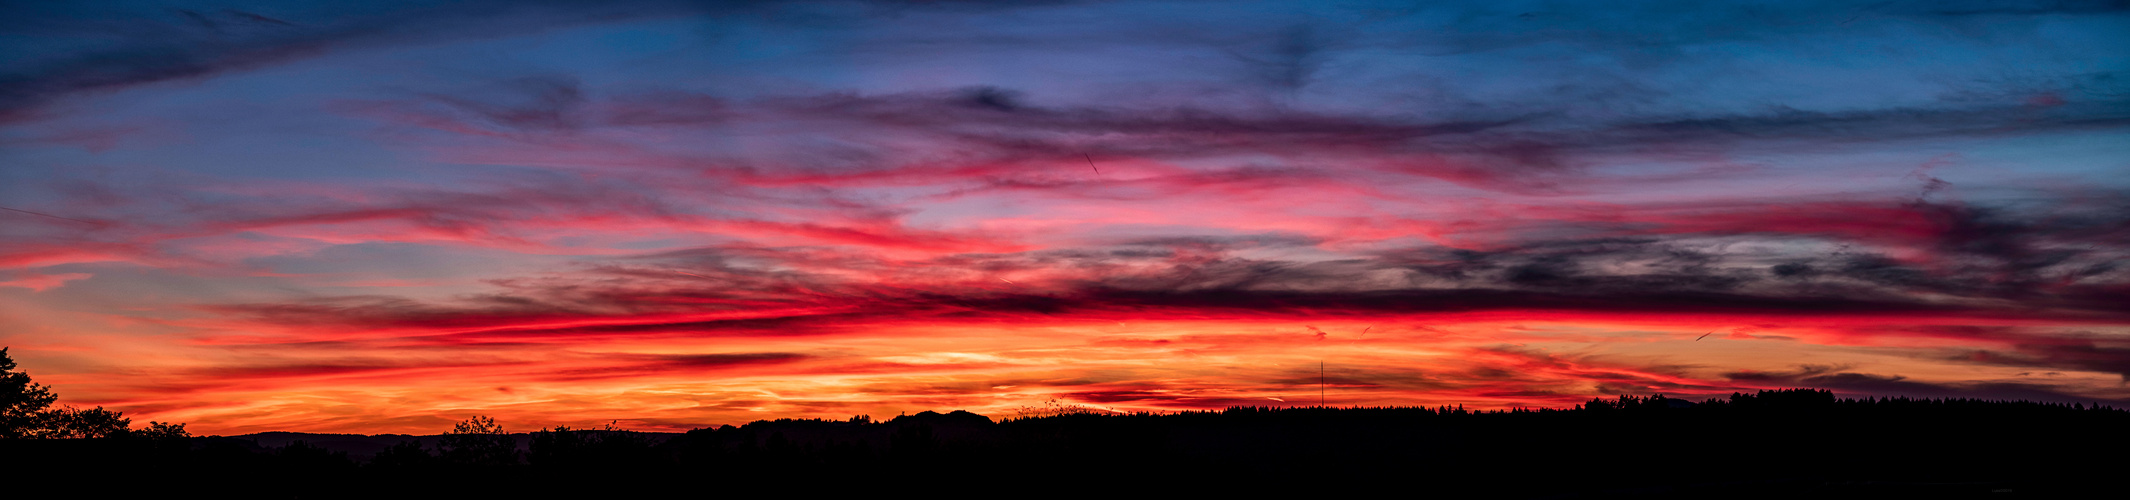 Blaue Stunde Panorama